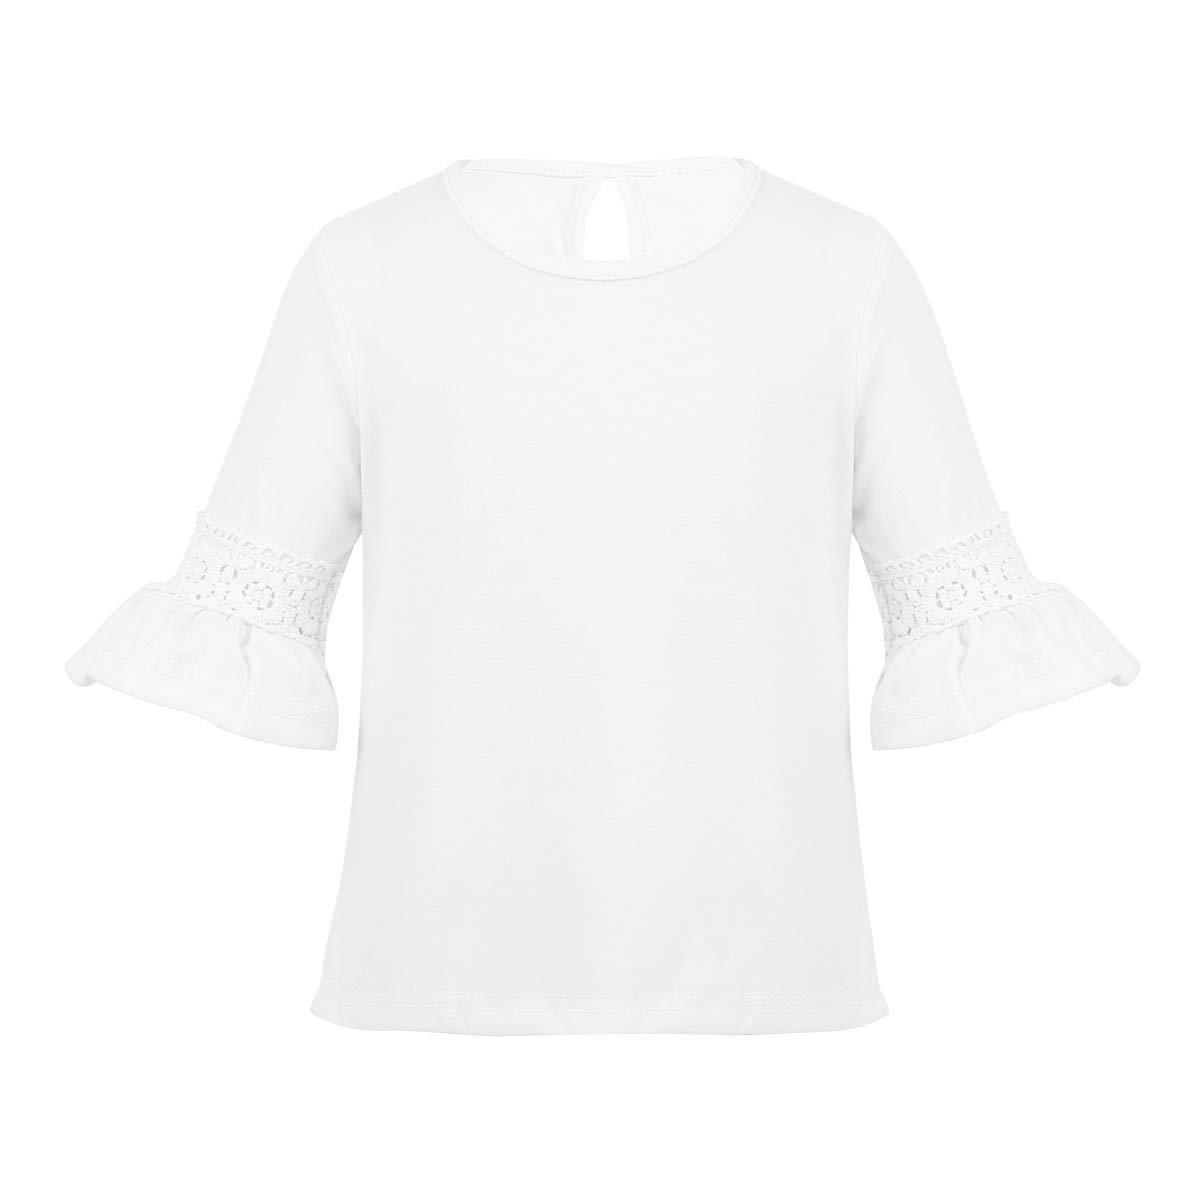 8bdc5112d8c98 dPois Enfant Fille Bébé Blouse T-Shirt Coton Casual Tops Chemisier Fête  Manches Évasée Dentelle École ...